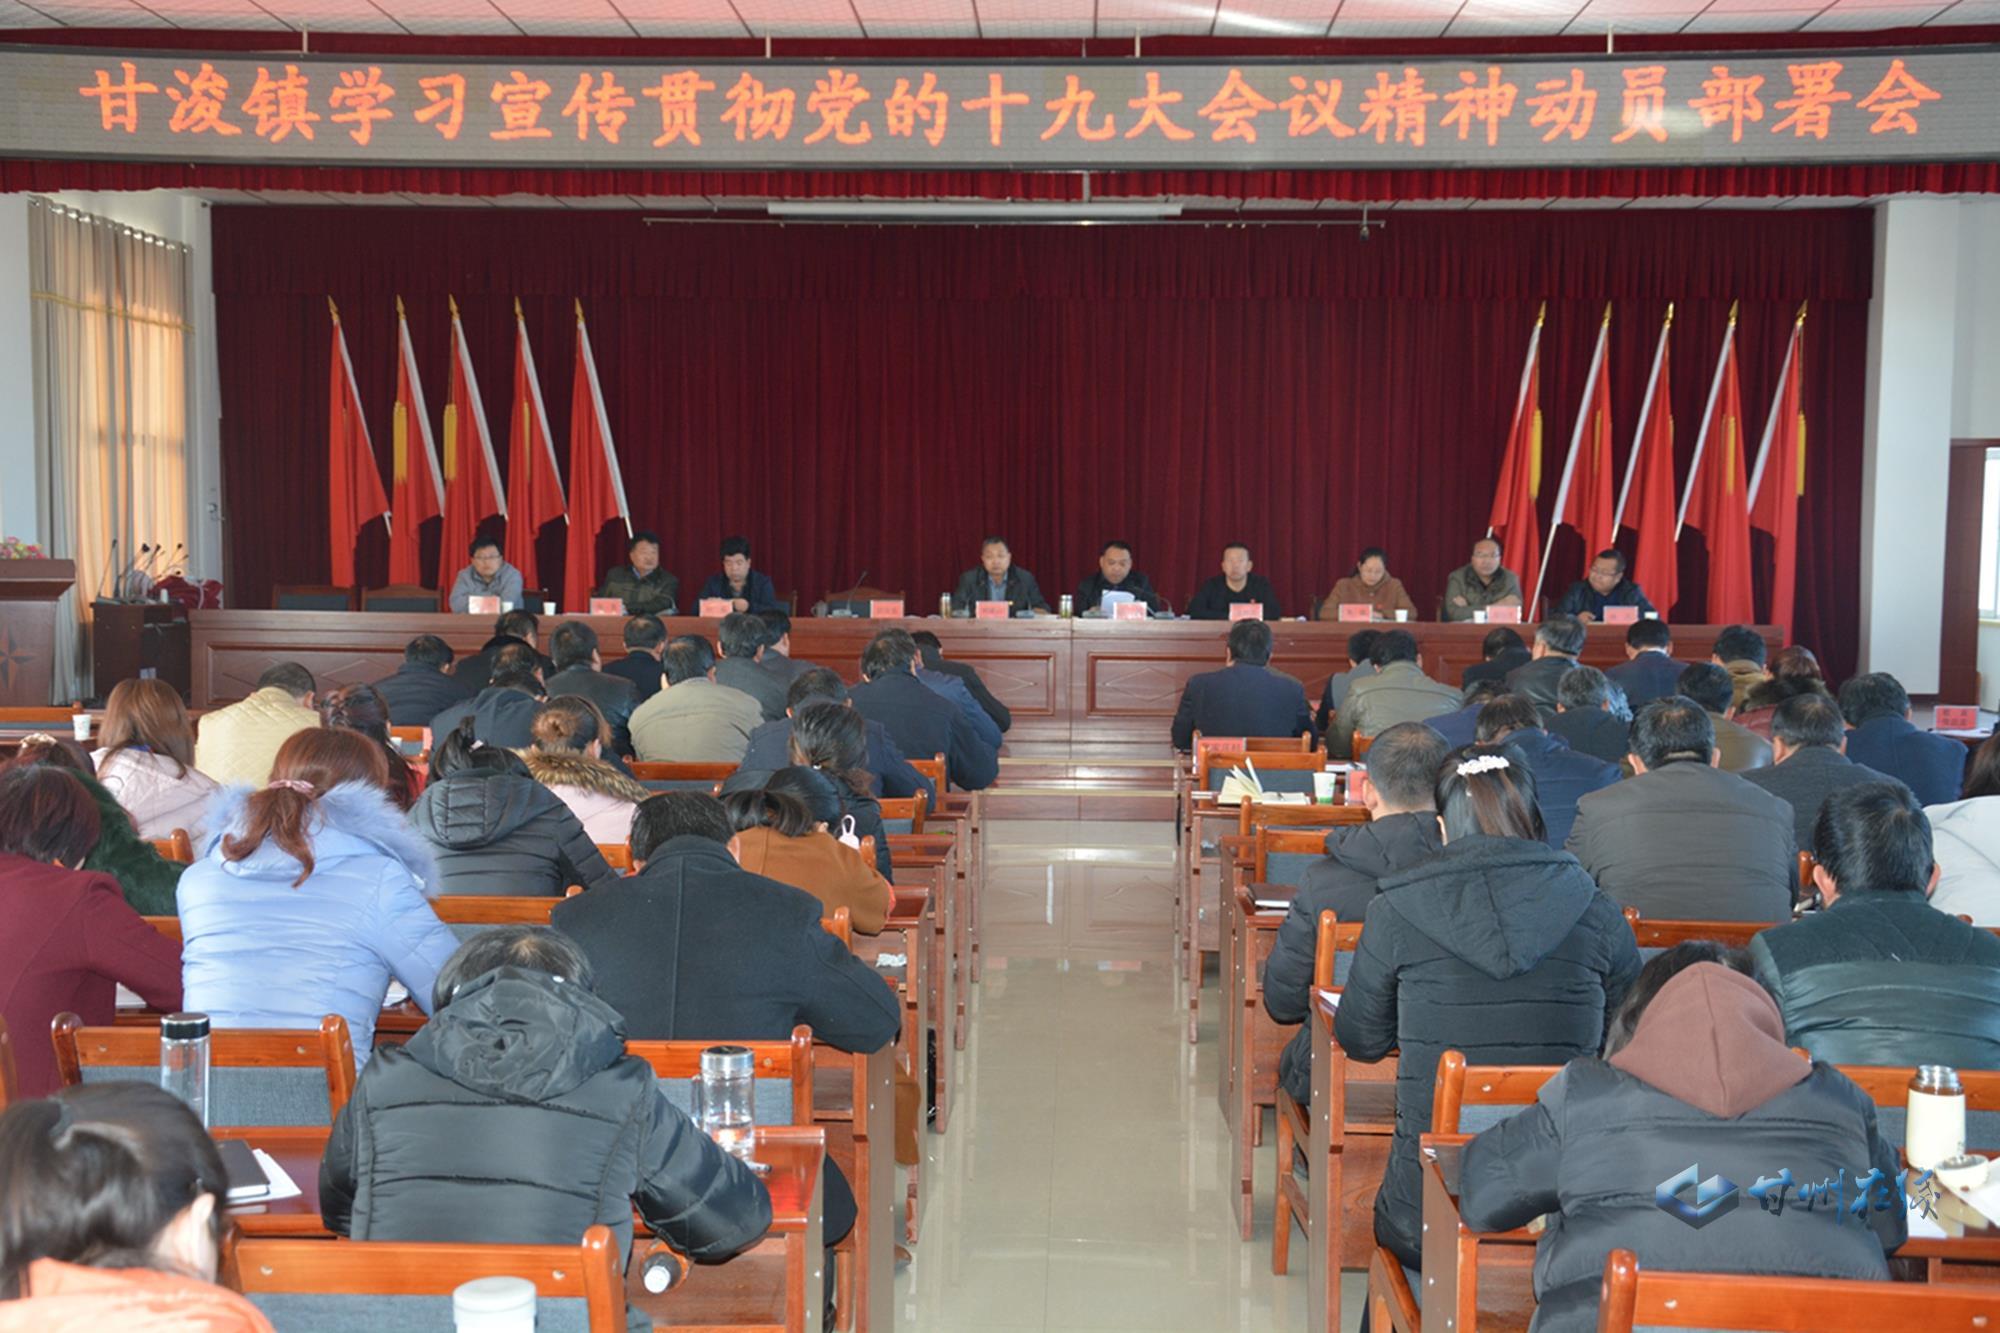 甘州区甘浚镇召开学习宣传贯彻党的十九大会议精神动员部署会议